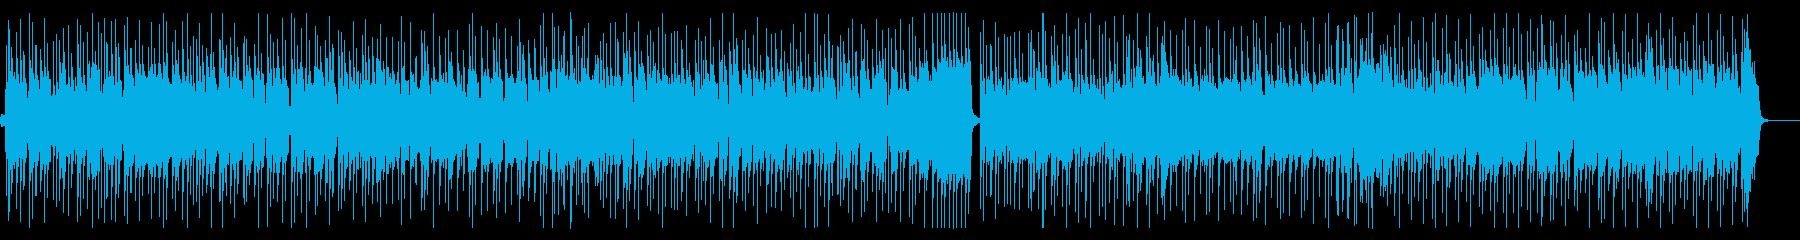 追跡シーンや捜索などのファンク風の再生済みの波形